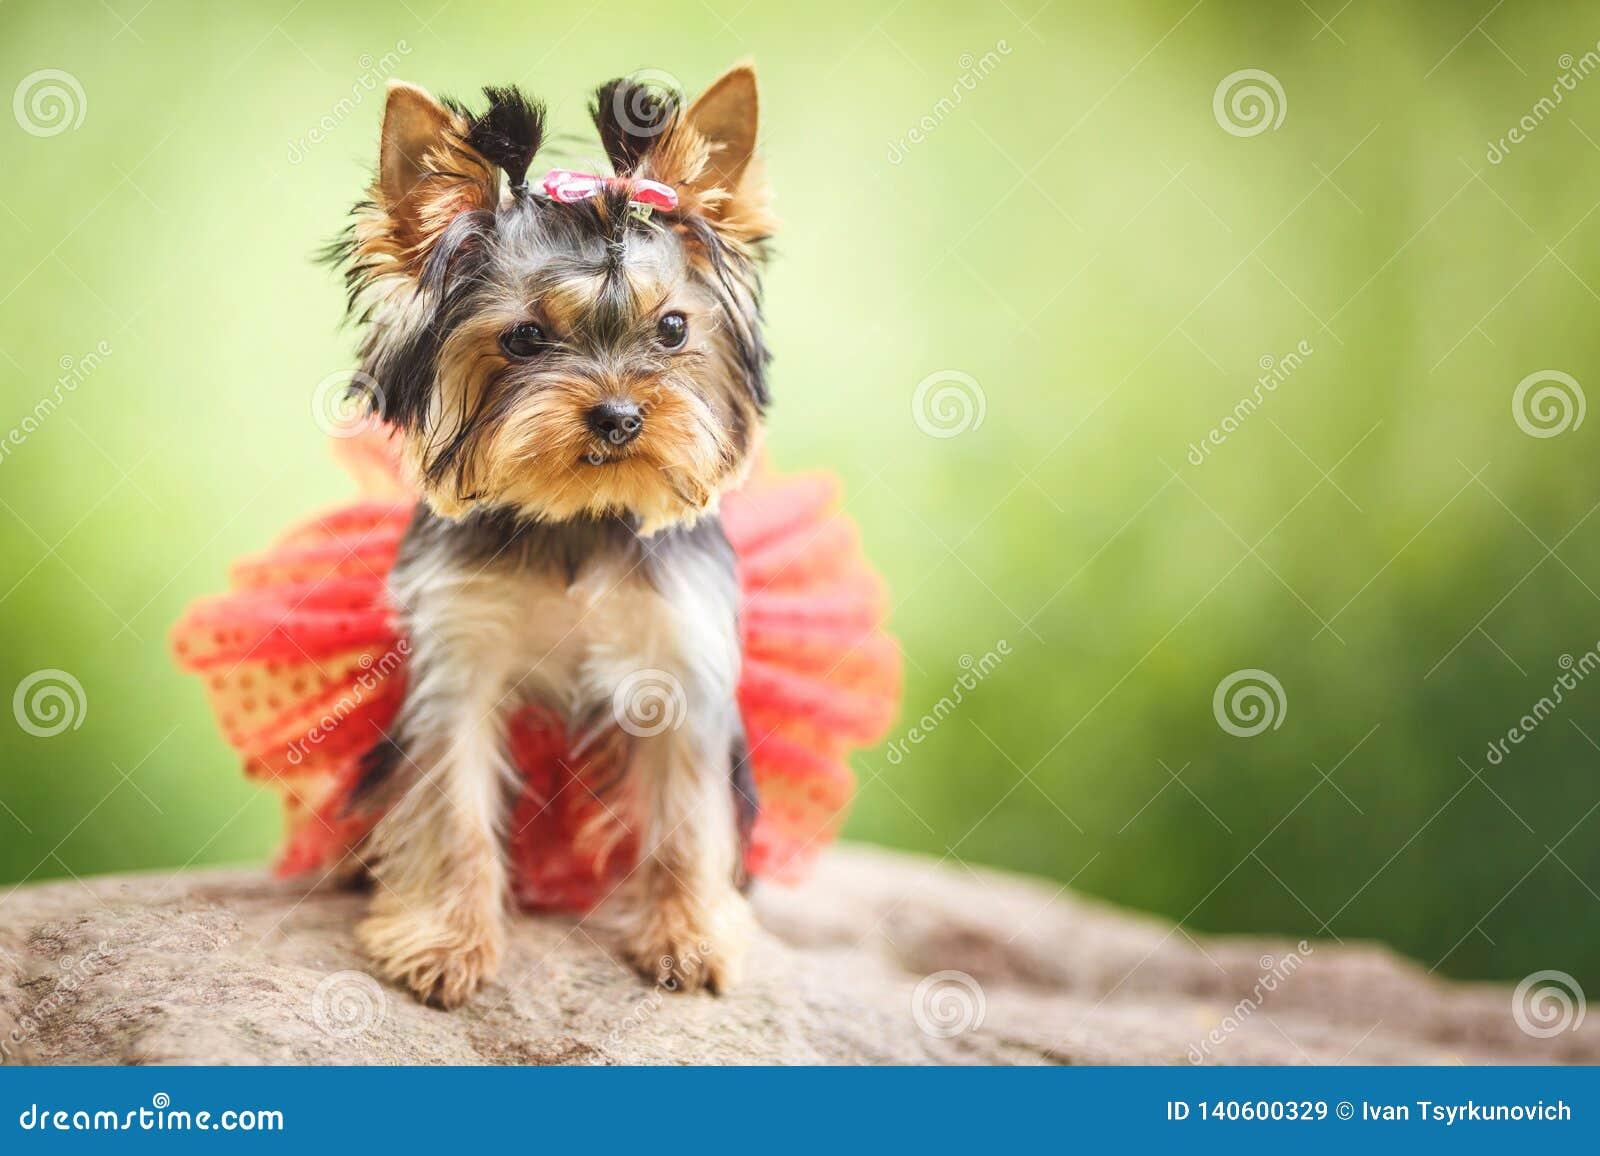 Perrito precioso del pequeño perro femenino de Yorkshire Terrier con la falda roja en fondo borroso verde